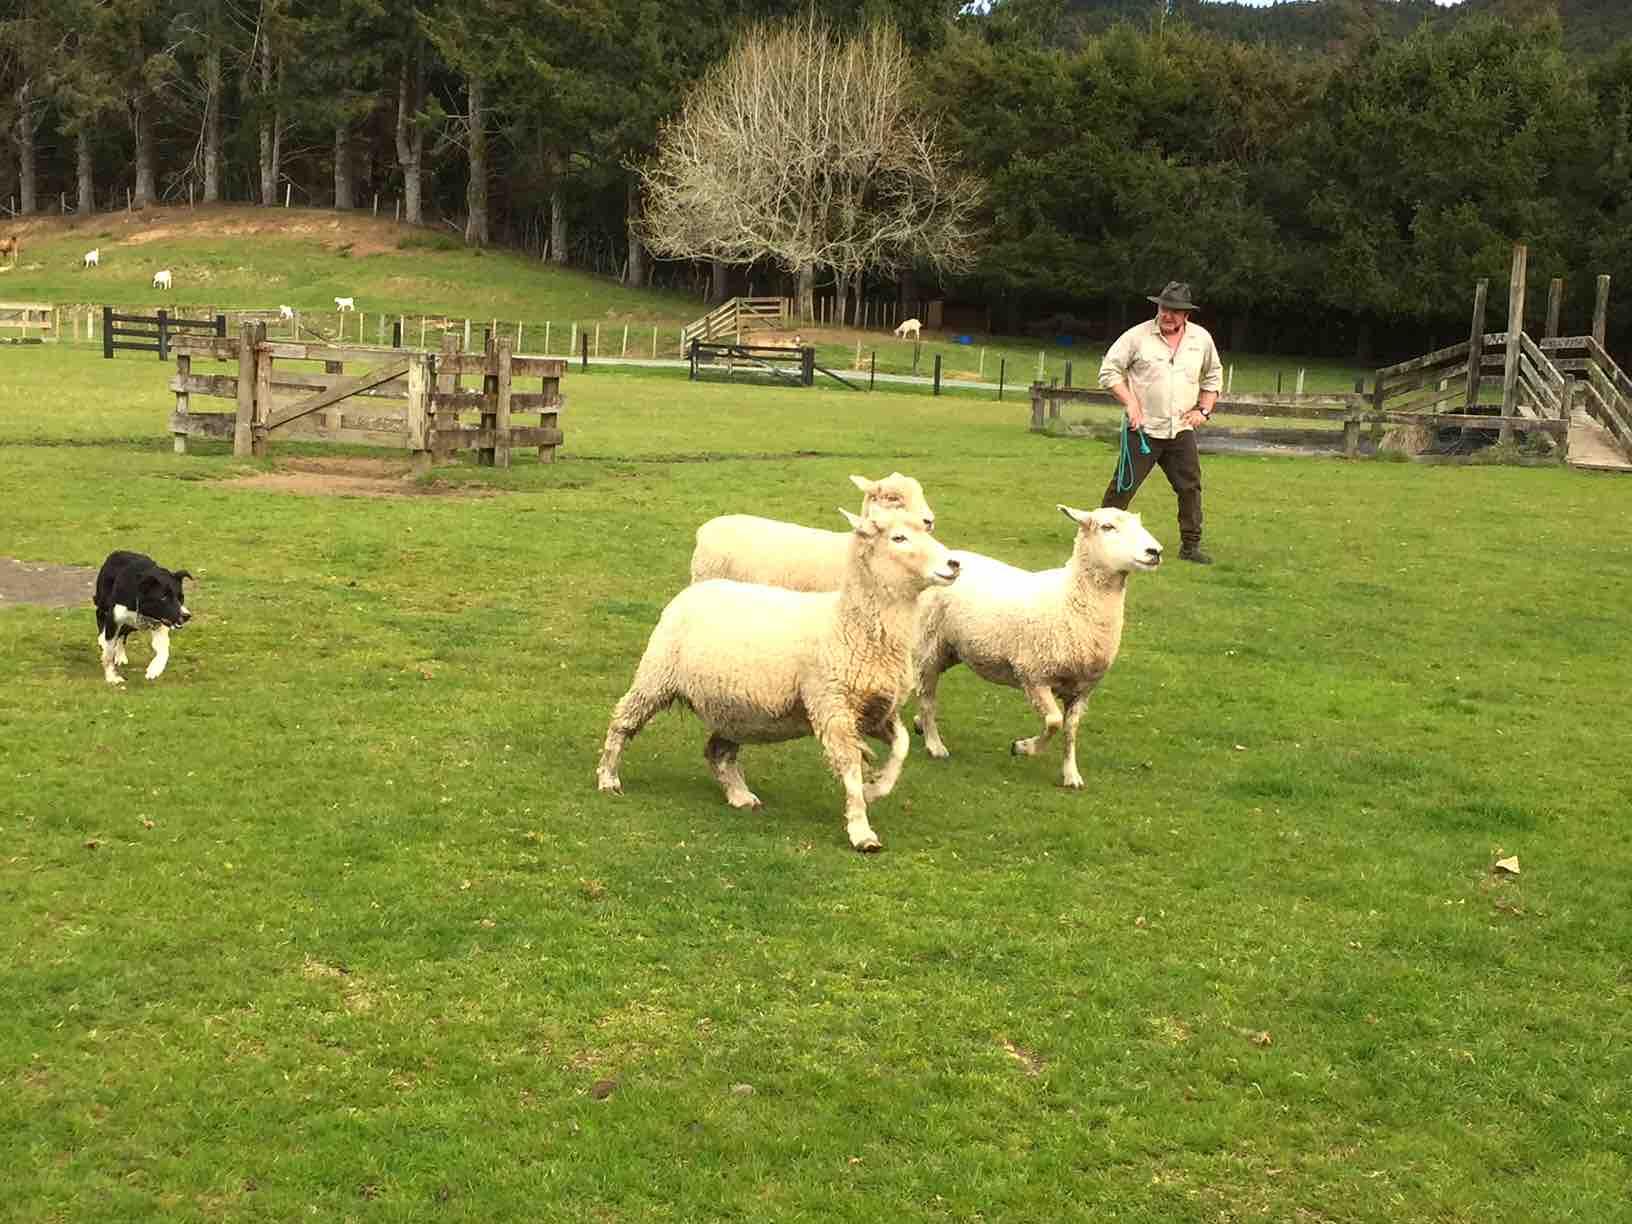 牧羊犬の羊追いパフォーマンス